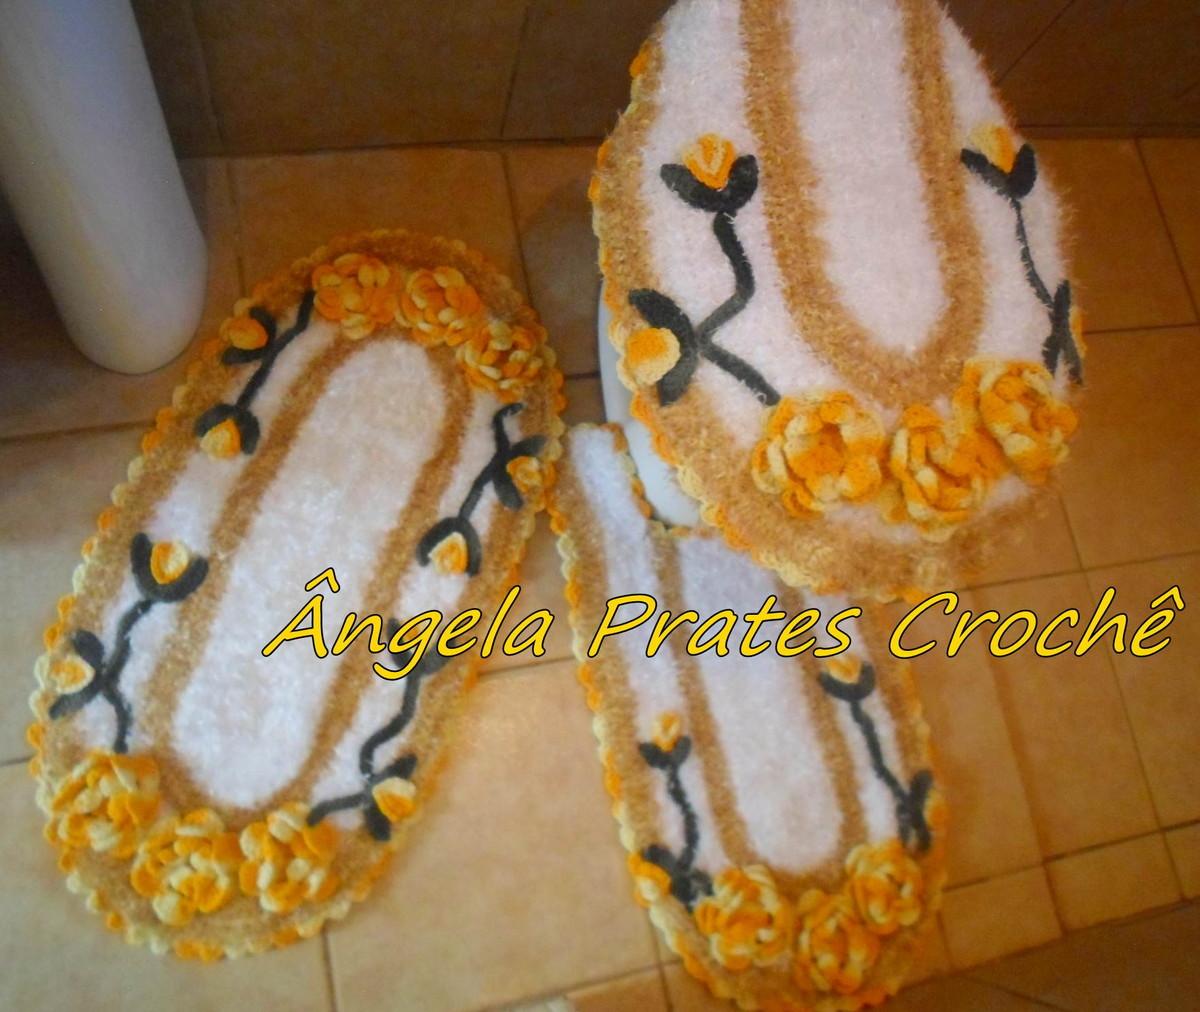 Jogo De Banheiro Marrom E Amarelo : Tapete peludinho branco e amarelo no elo ?ngela prates